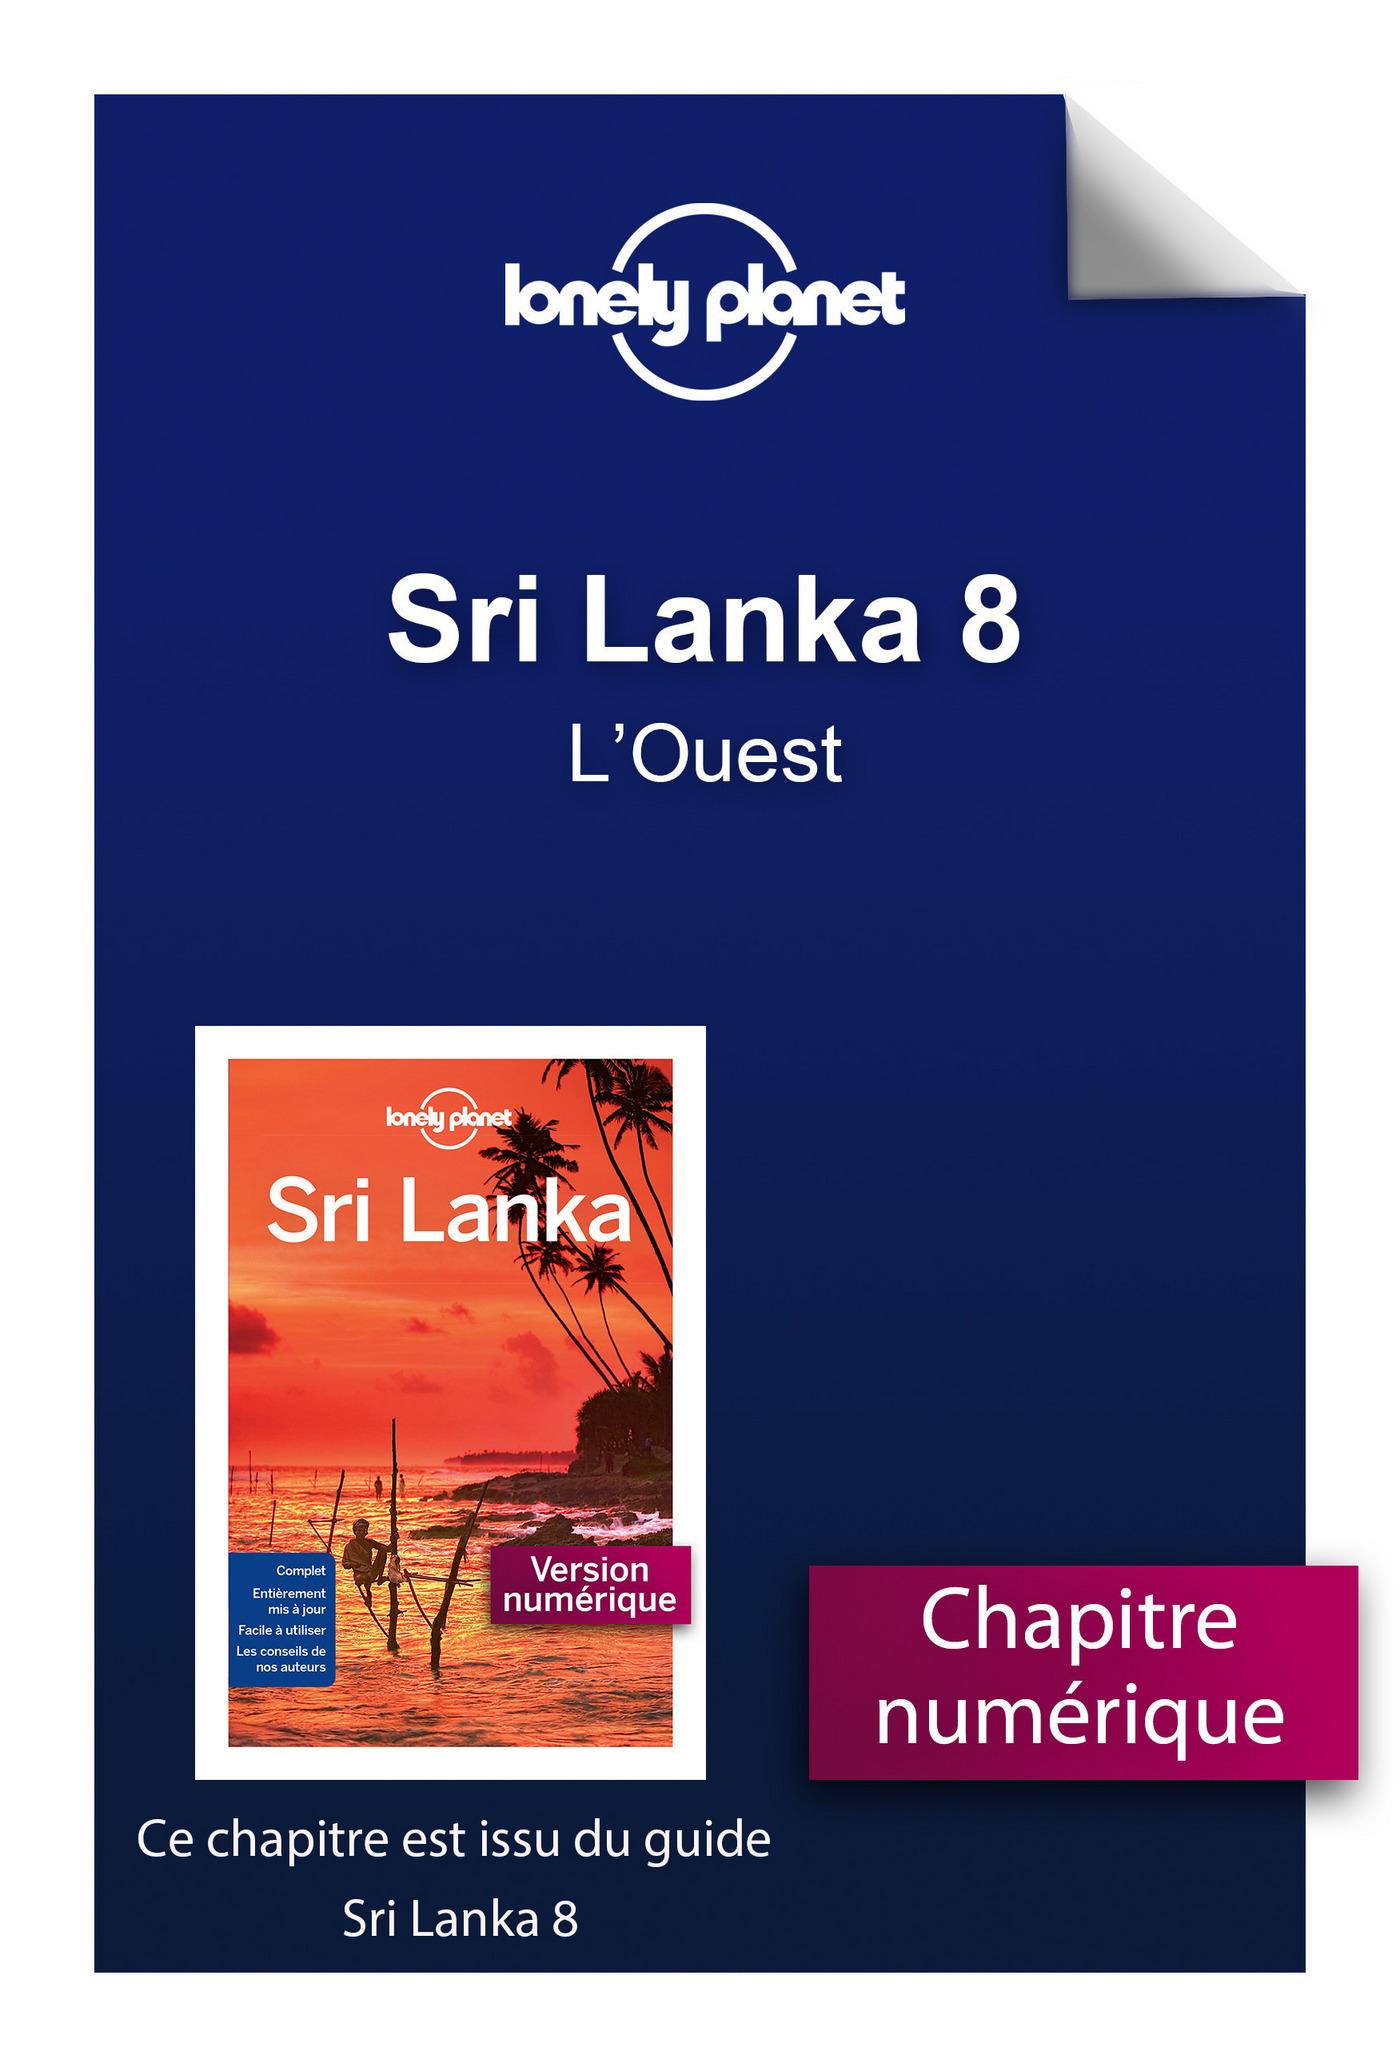 Sri Lanka 8 - L'Ouest